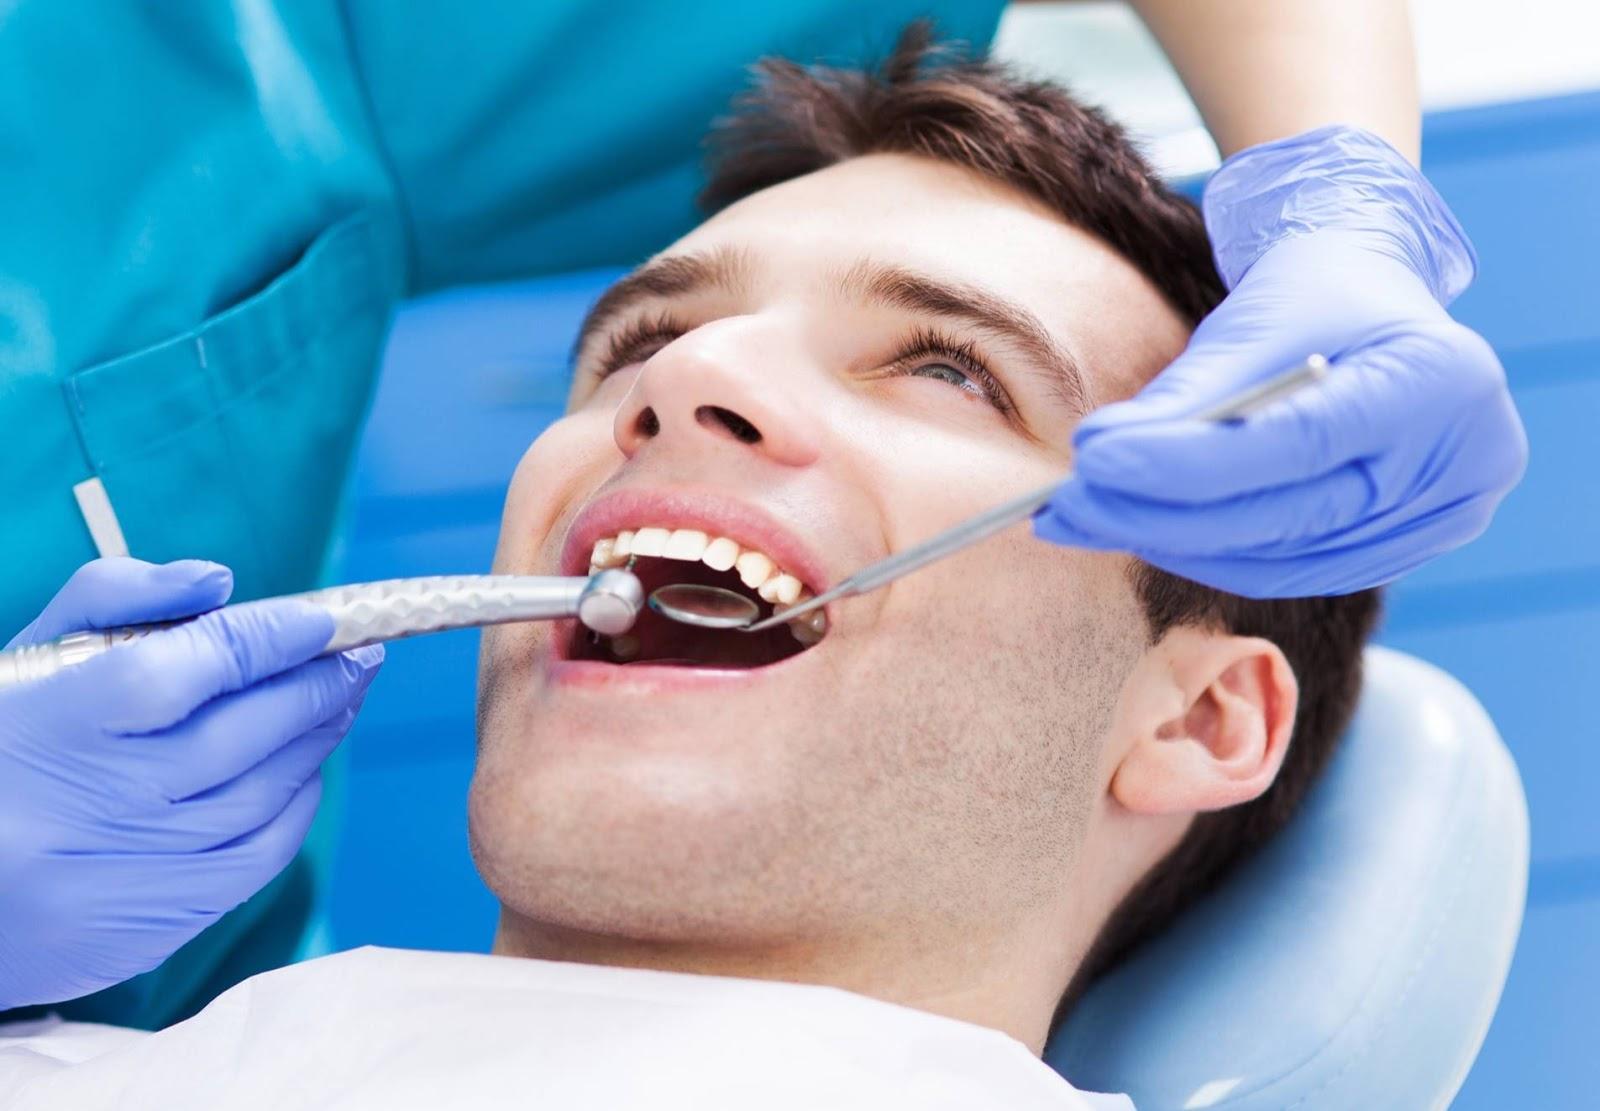 عشر حقائق لا تعرفونها عن الأسنان